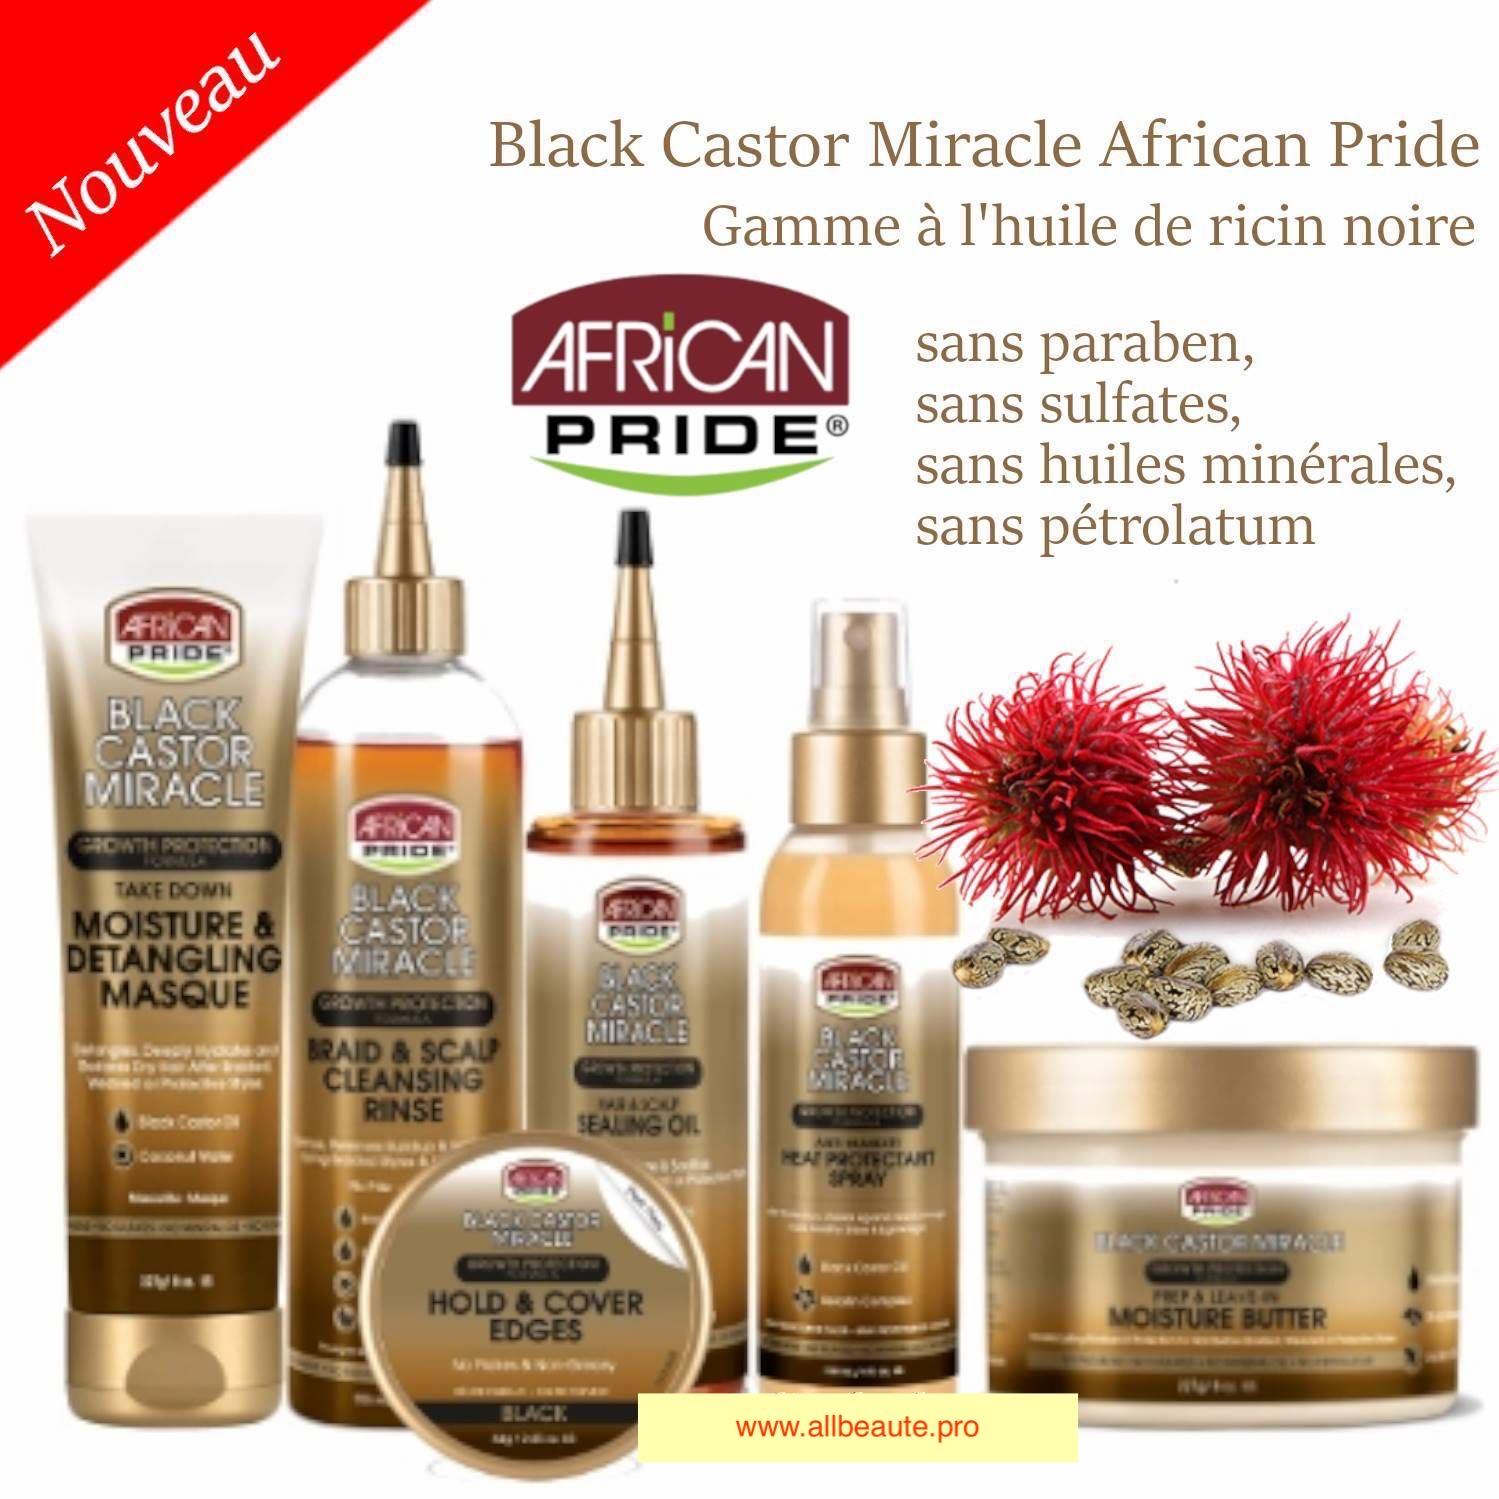 African Pride Black Castor Miracle